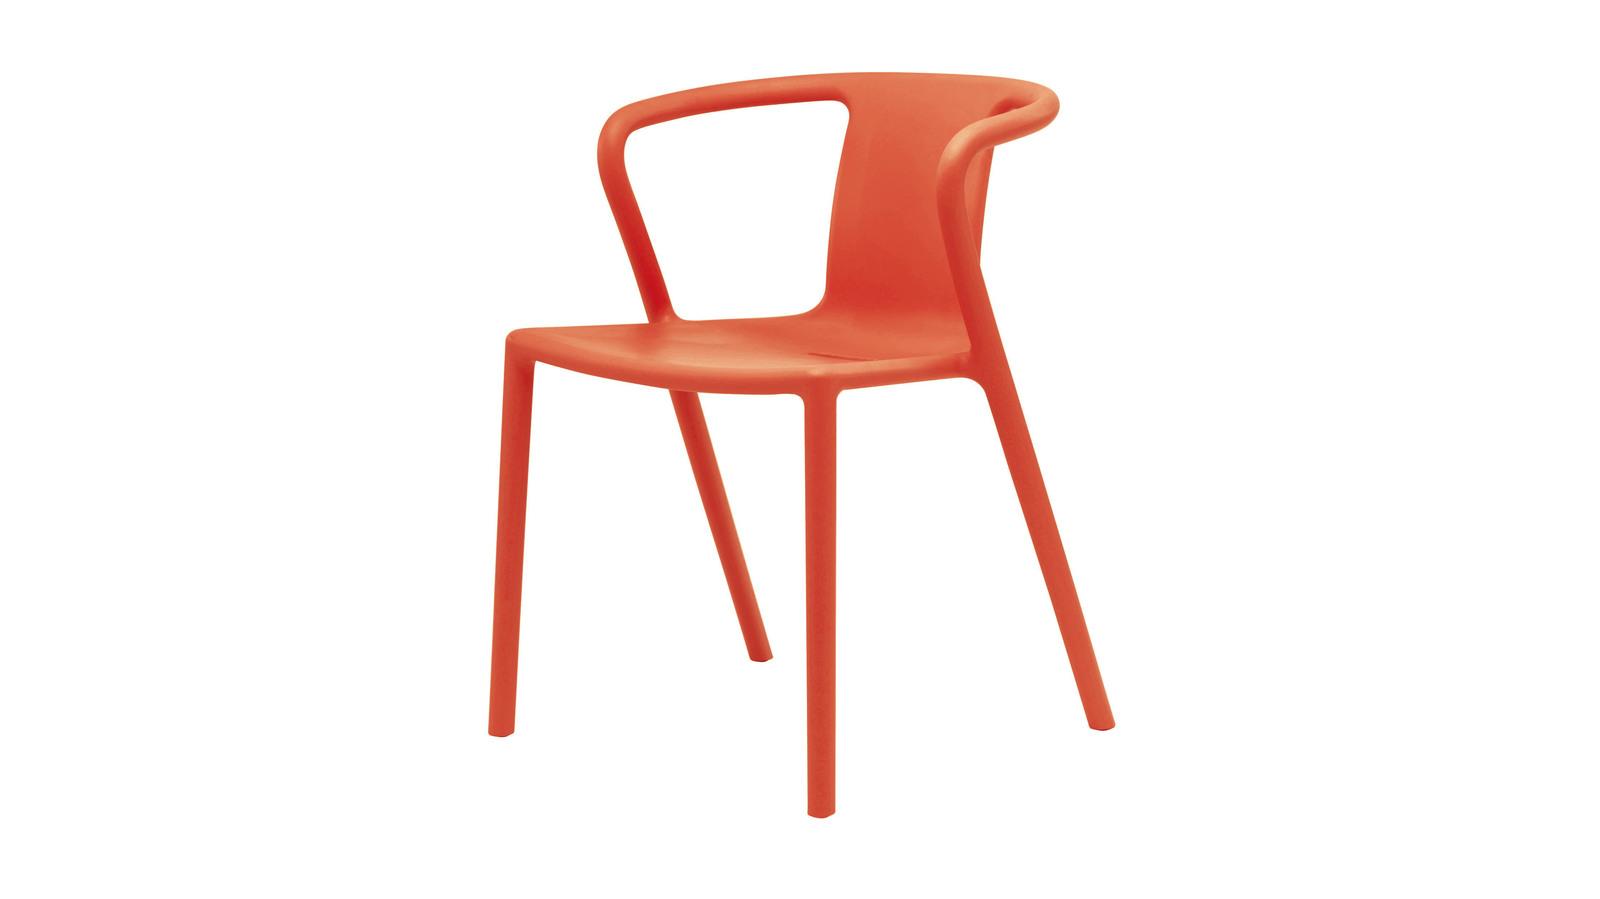 Air armchair set 4 pcs magis jasper morrison owo for Magis air armchair